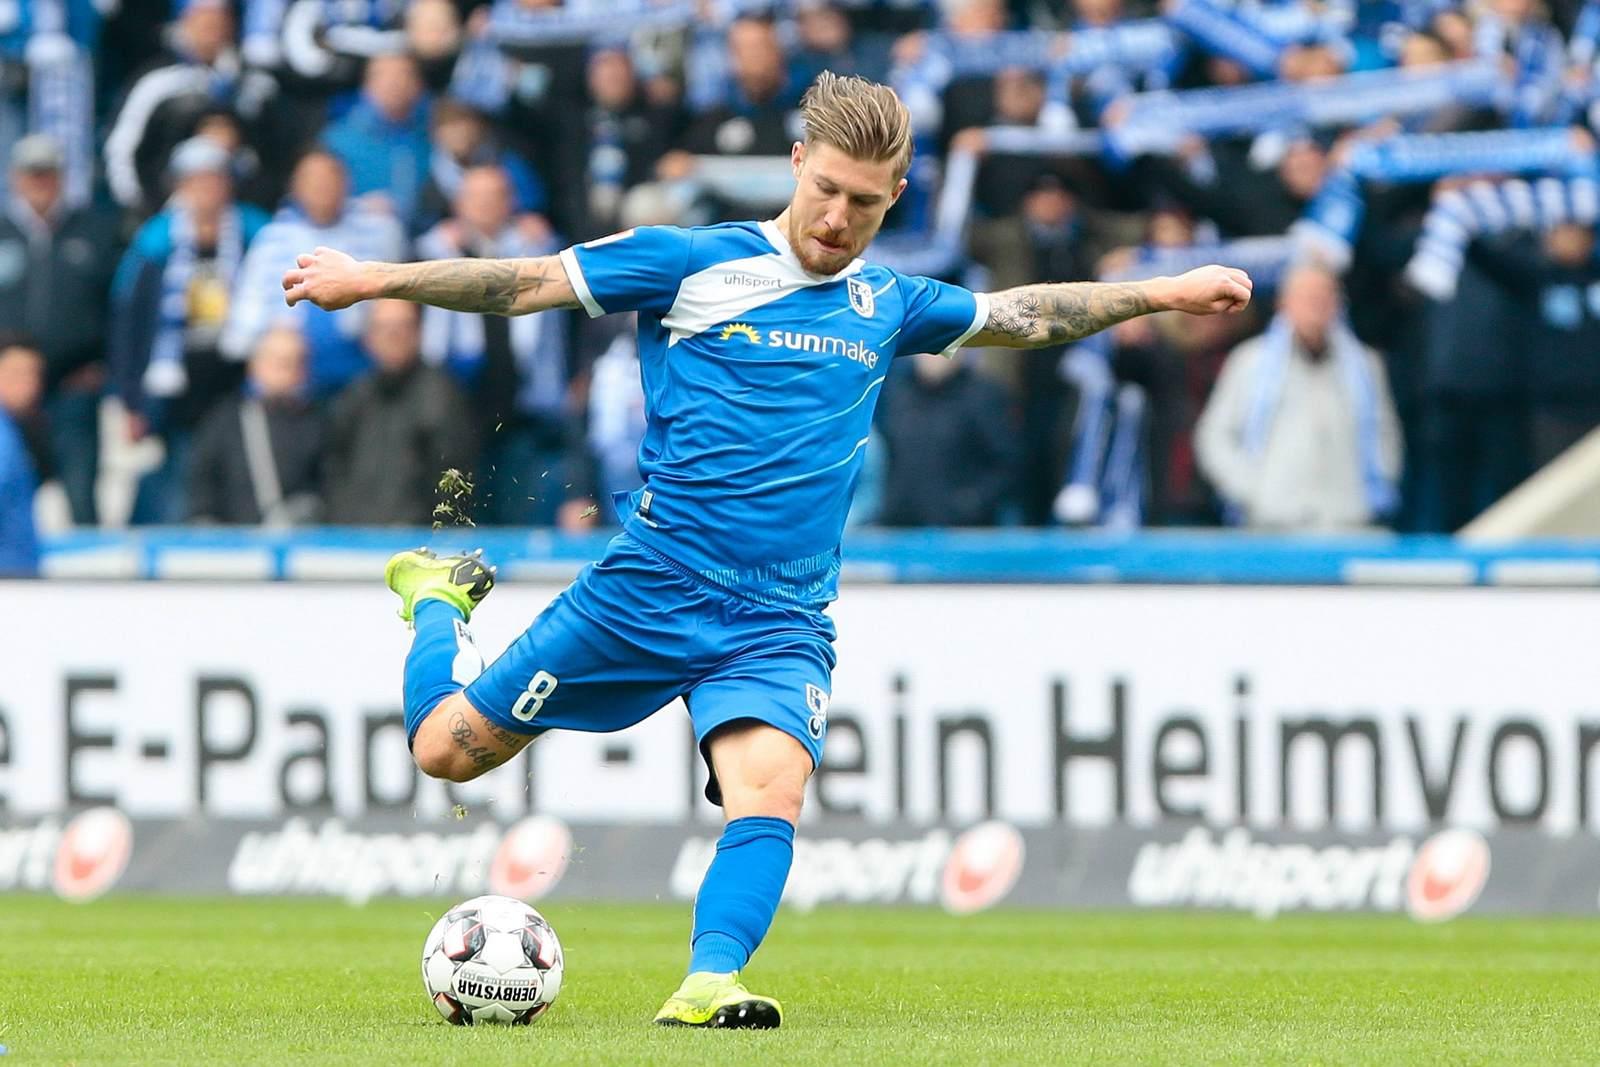 Philip Türpitz vom 1. FC Magdeburg beim Torschuss